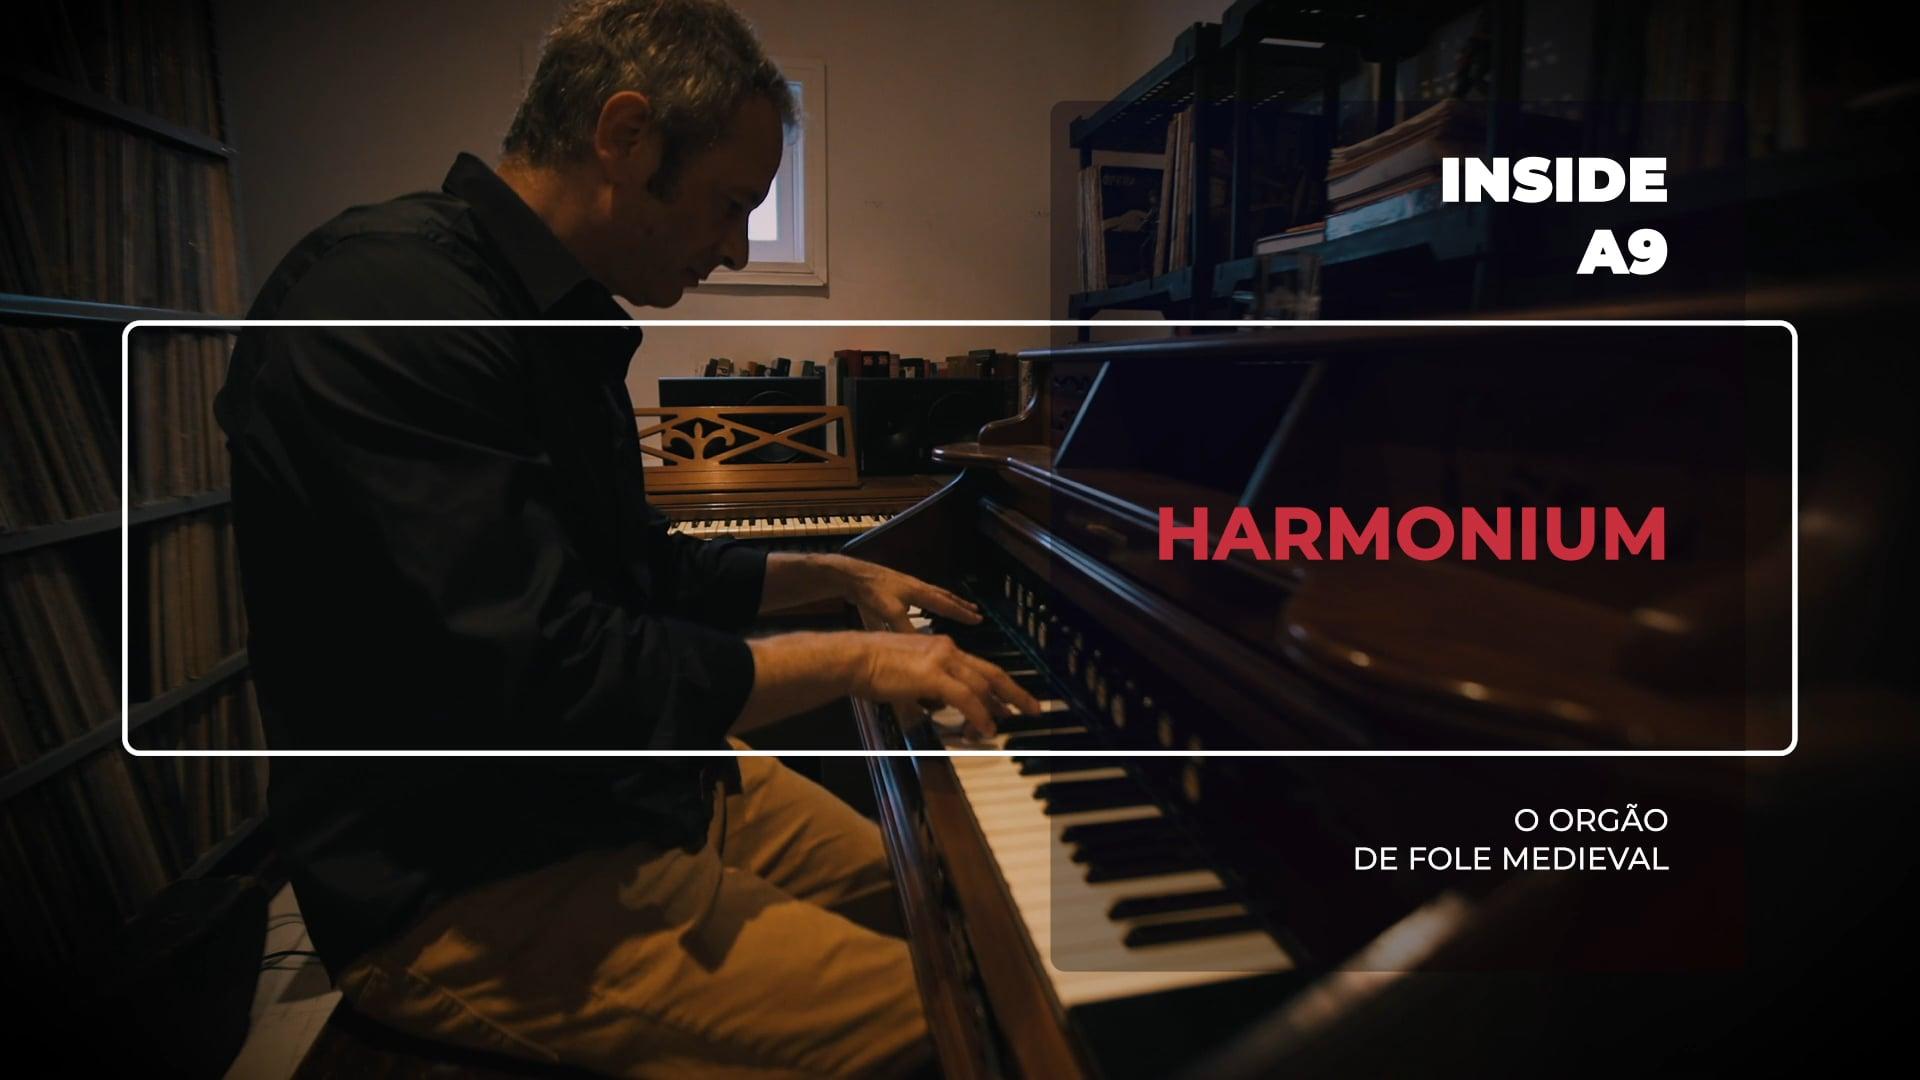 Inside A9 | Harmonium